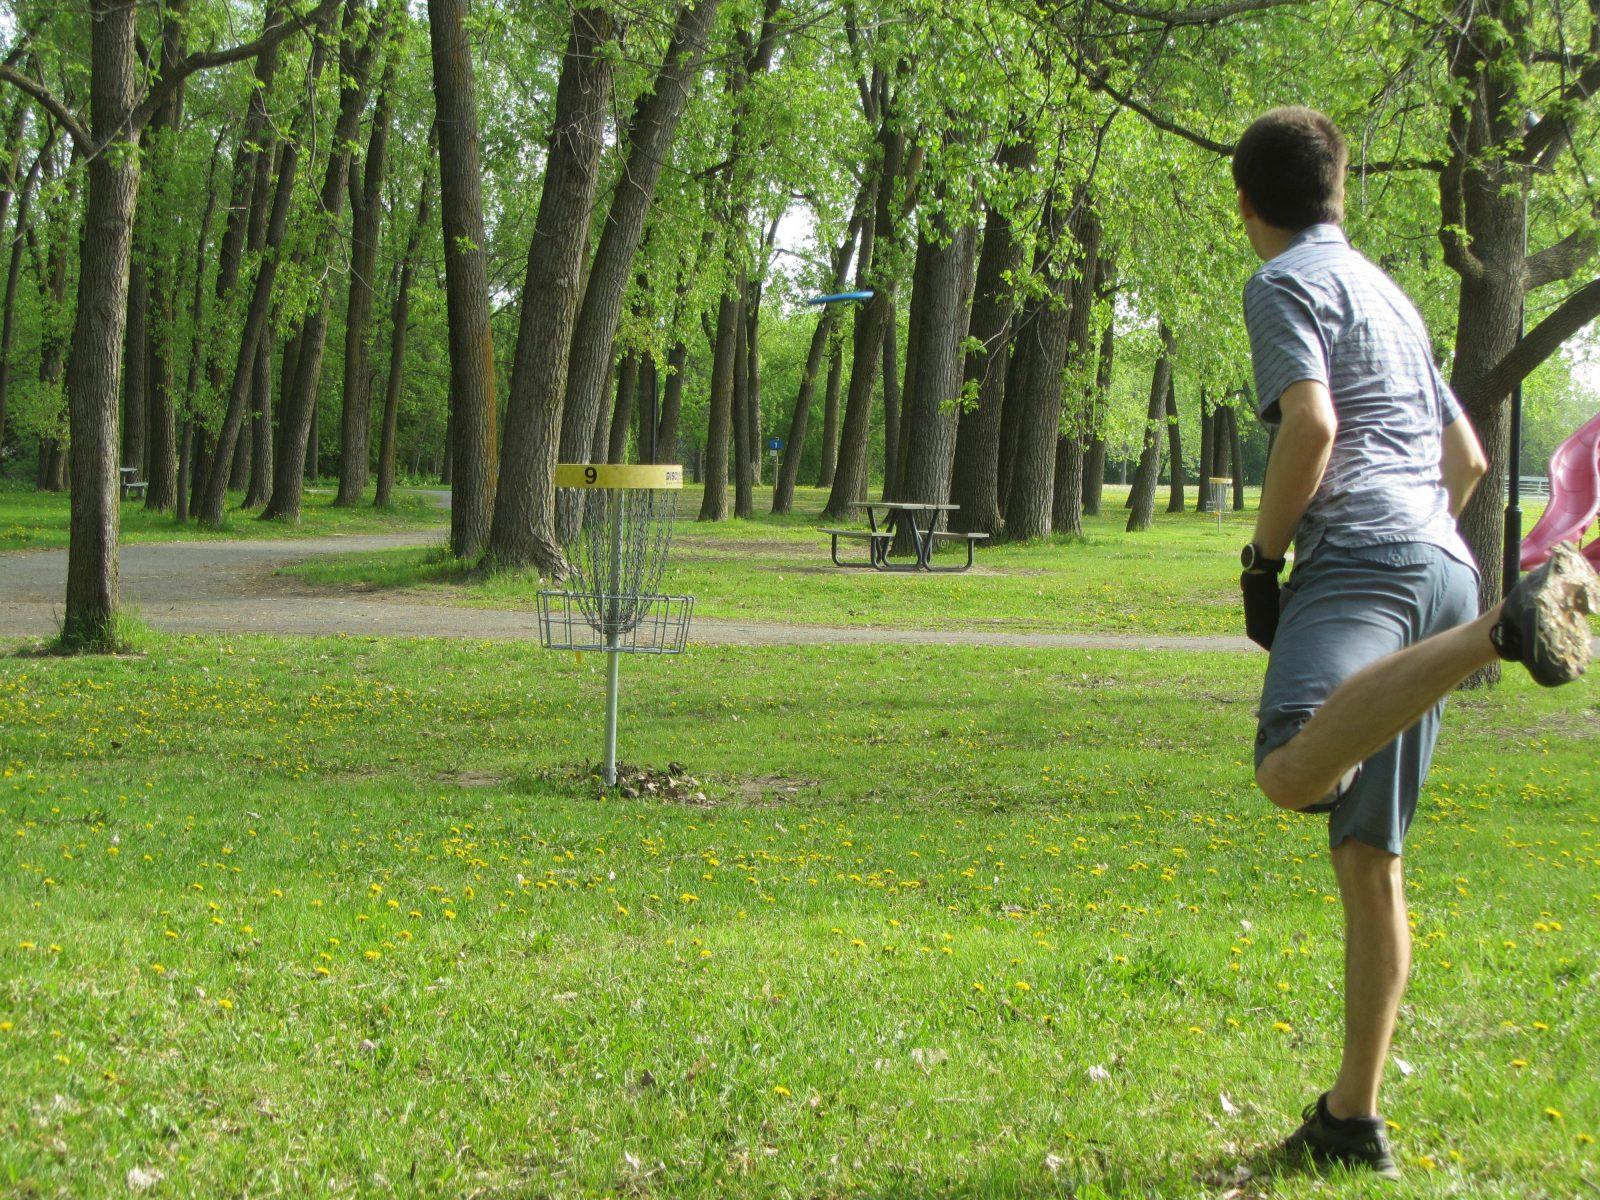 Le disque golf, un sport à découvrir